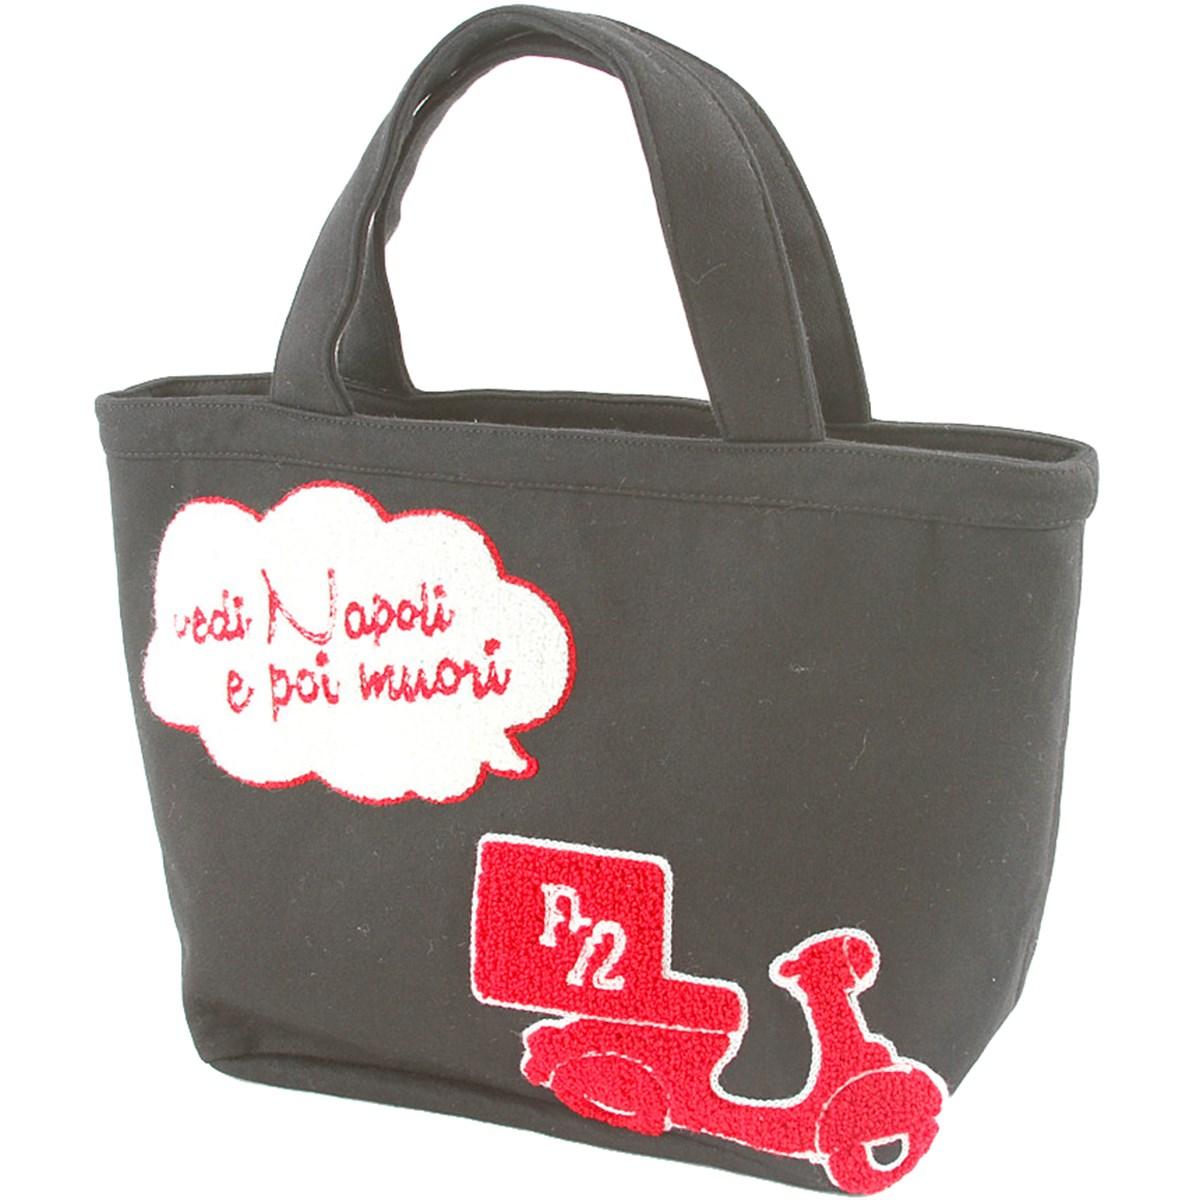 PAR72 L刺繍入りカートバッグ